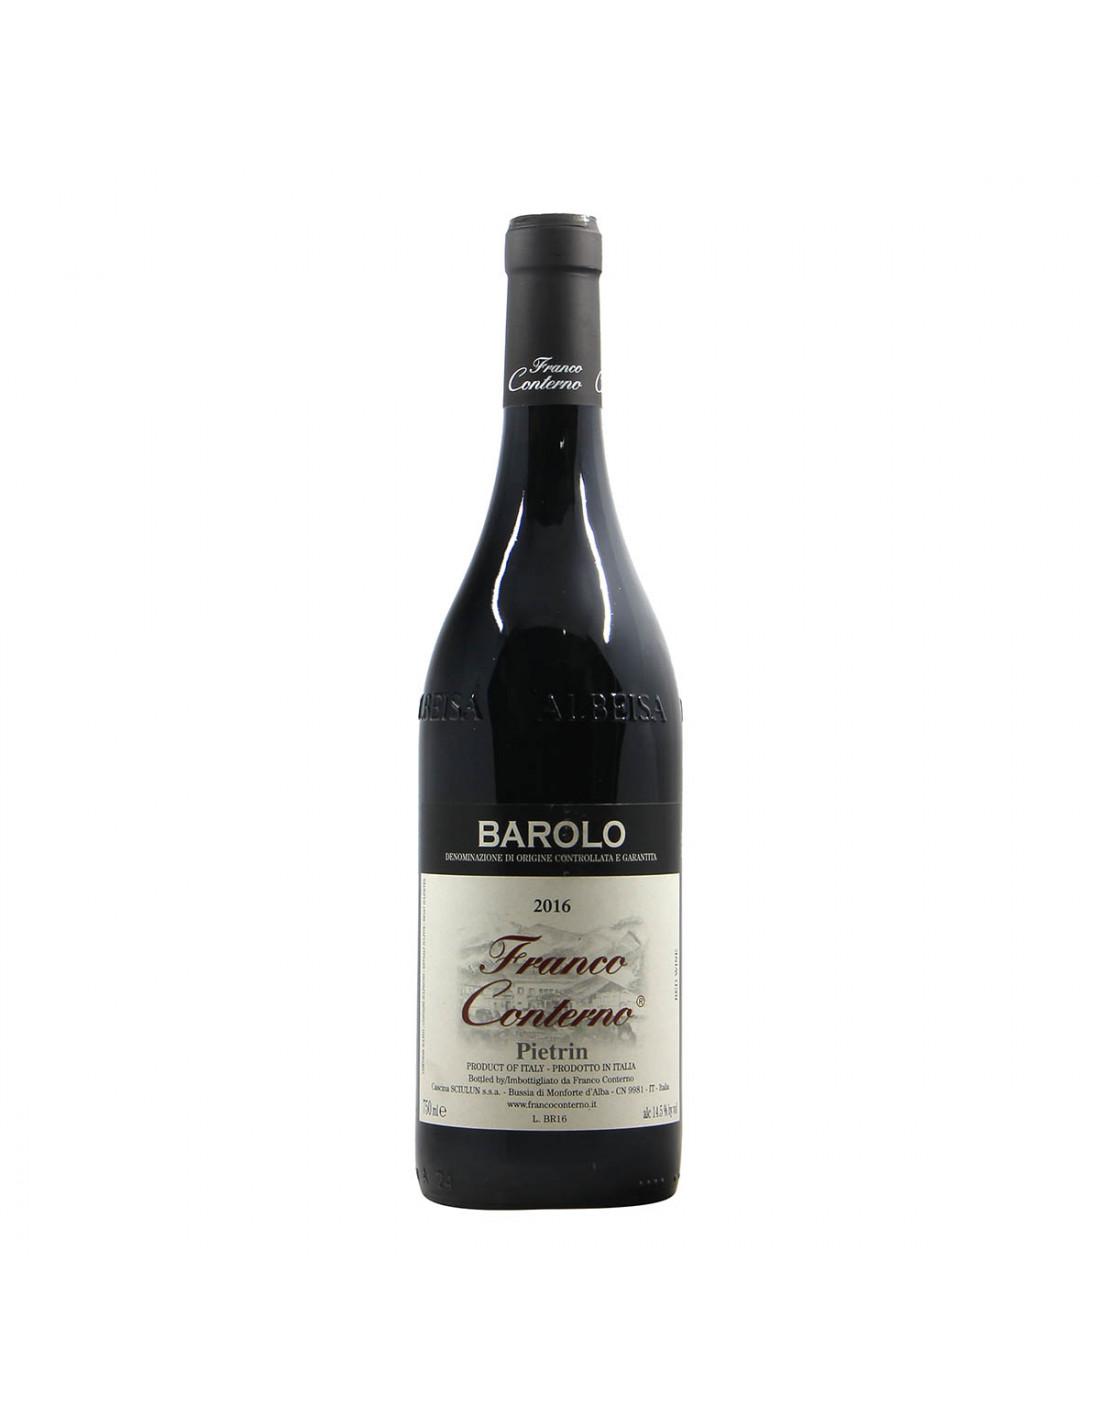 Franco Conterno Barolo Pietrin 2016 Grandi Bottiglie